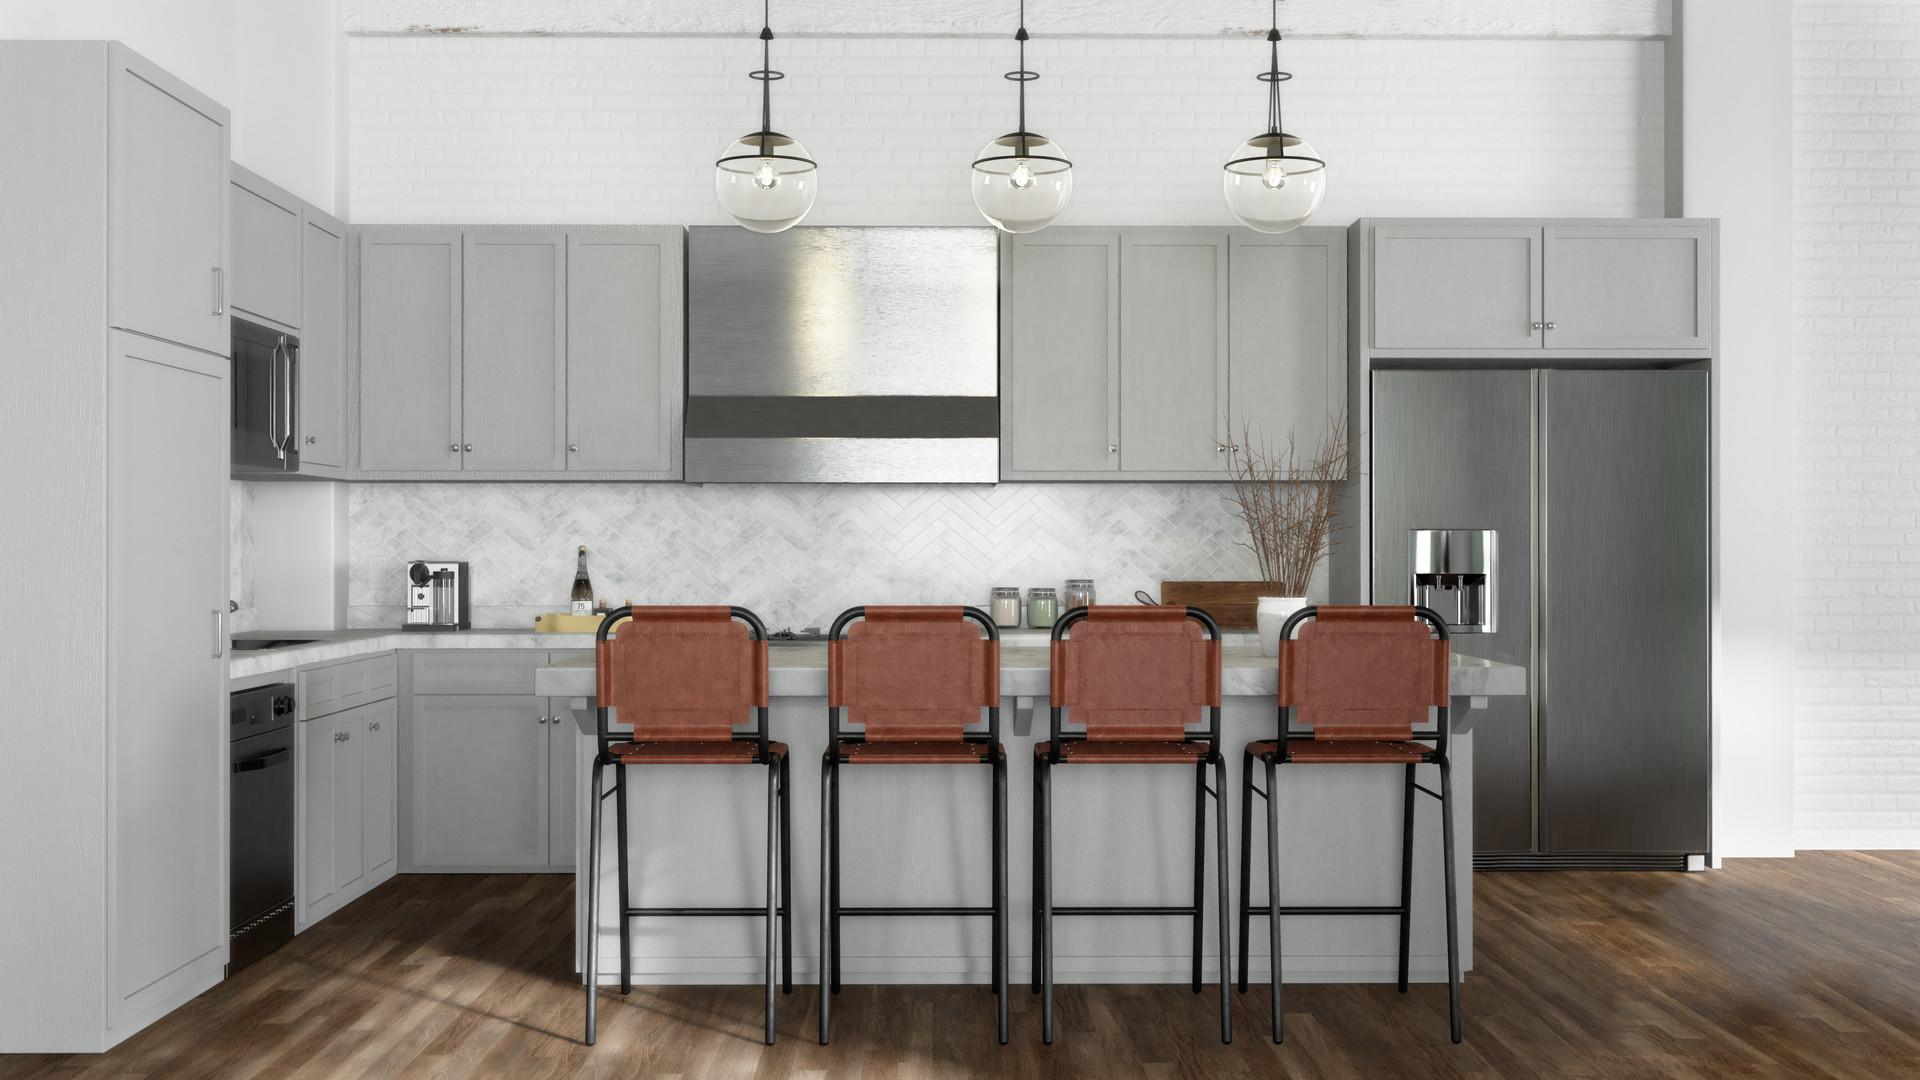 NYC loft kitchen.jpg